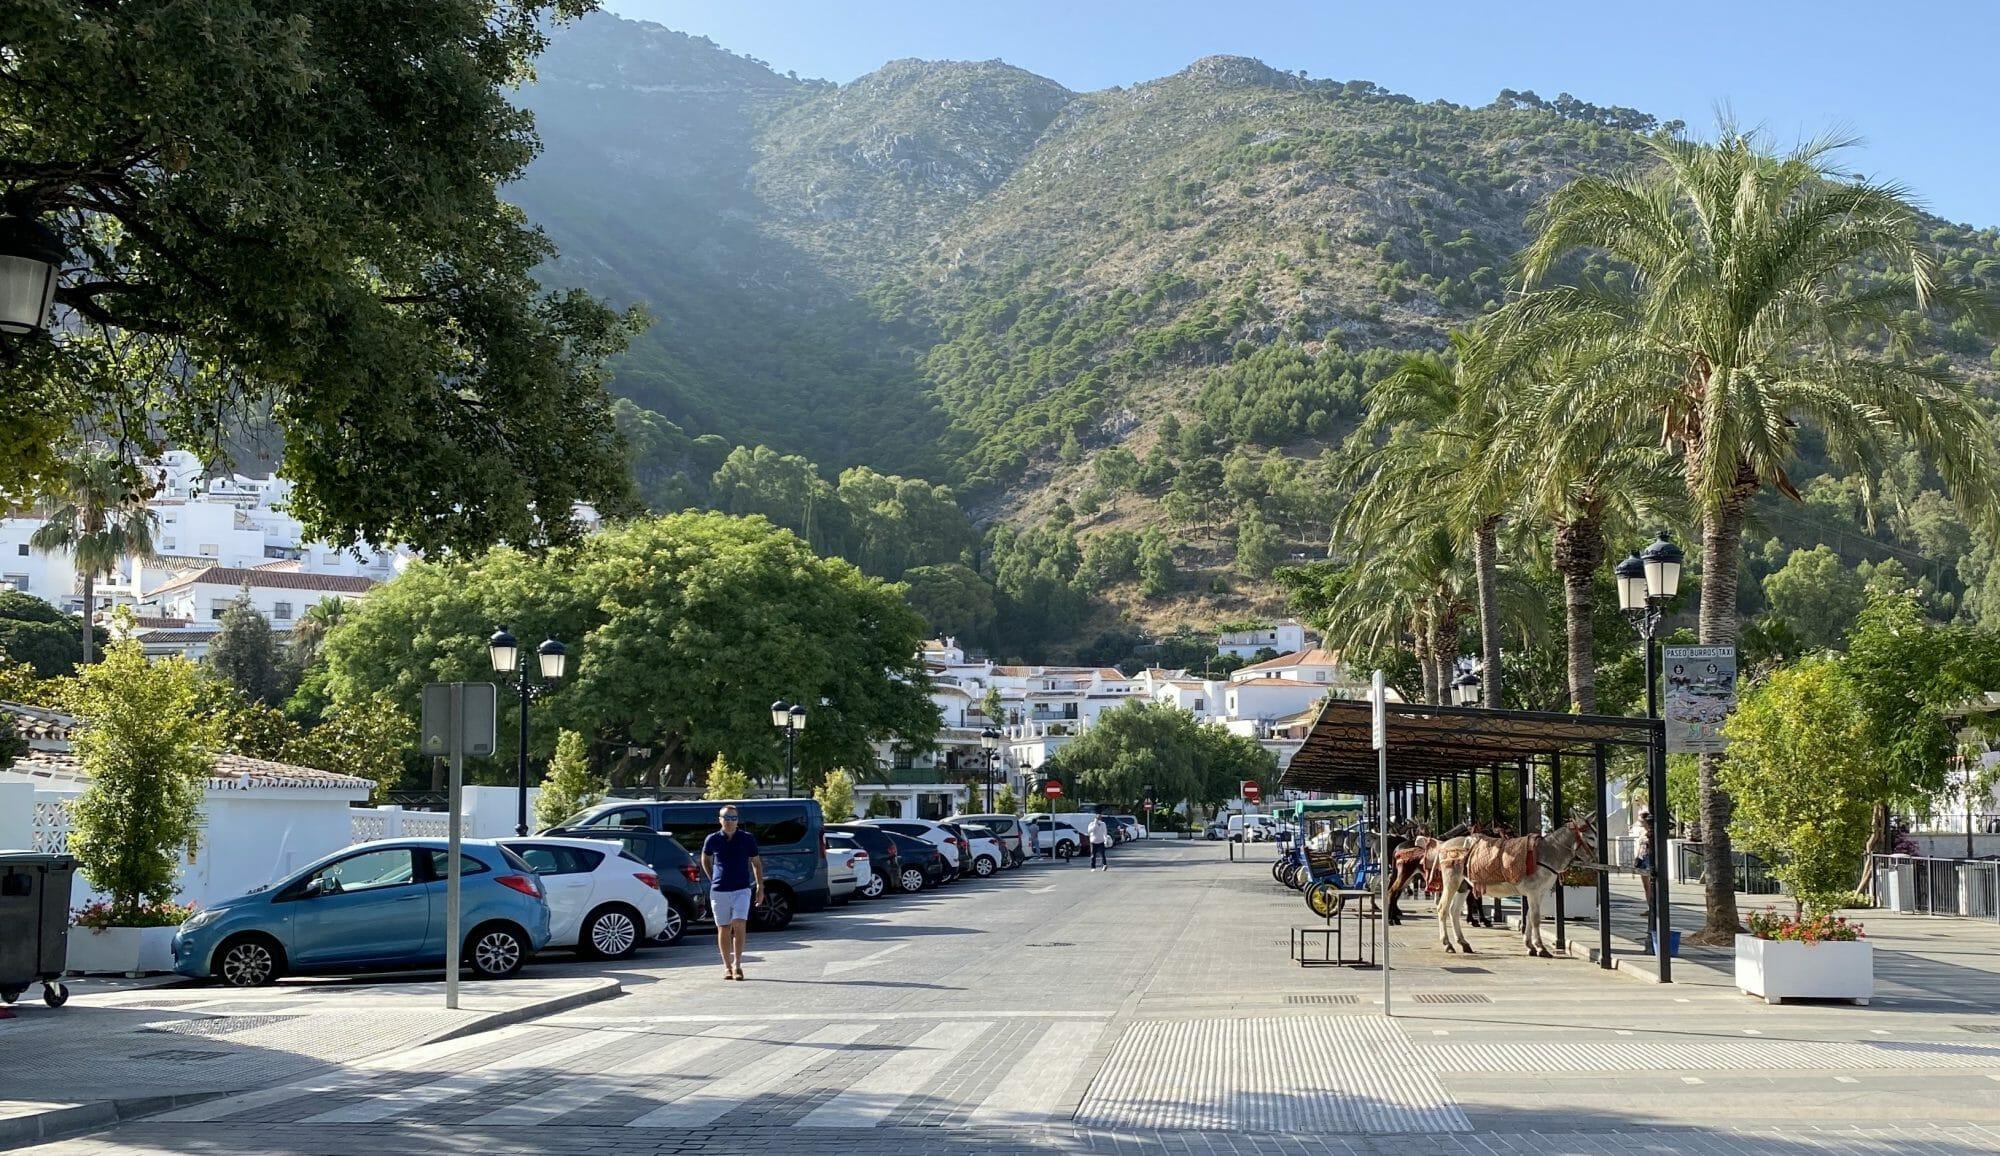 Coches aparcados en Mijas Pueblo